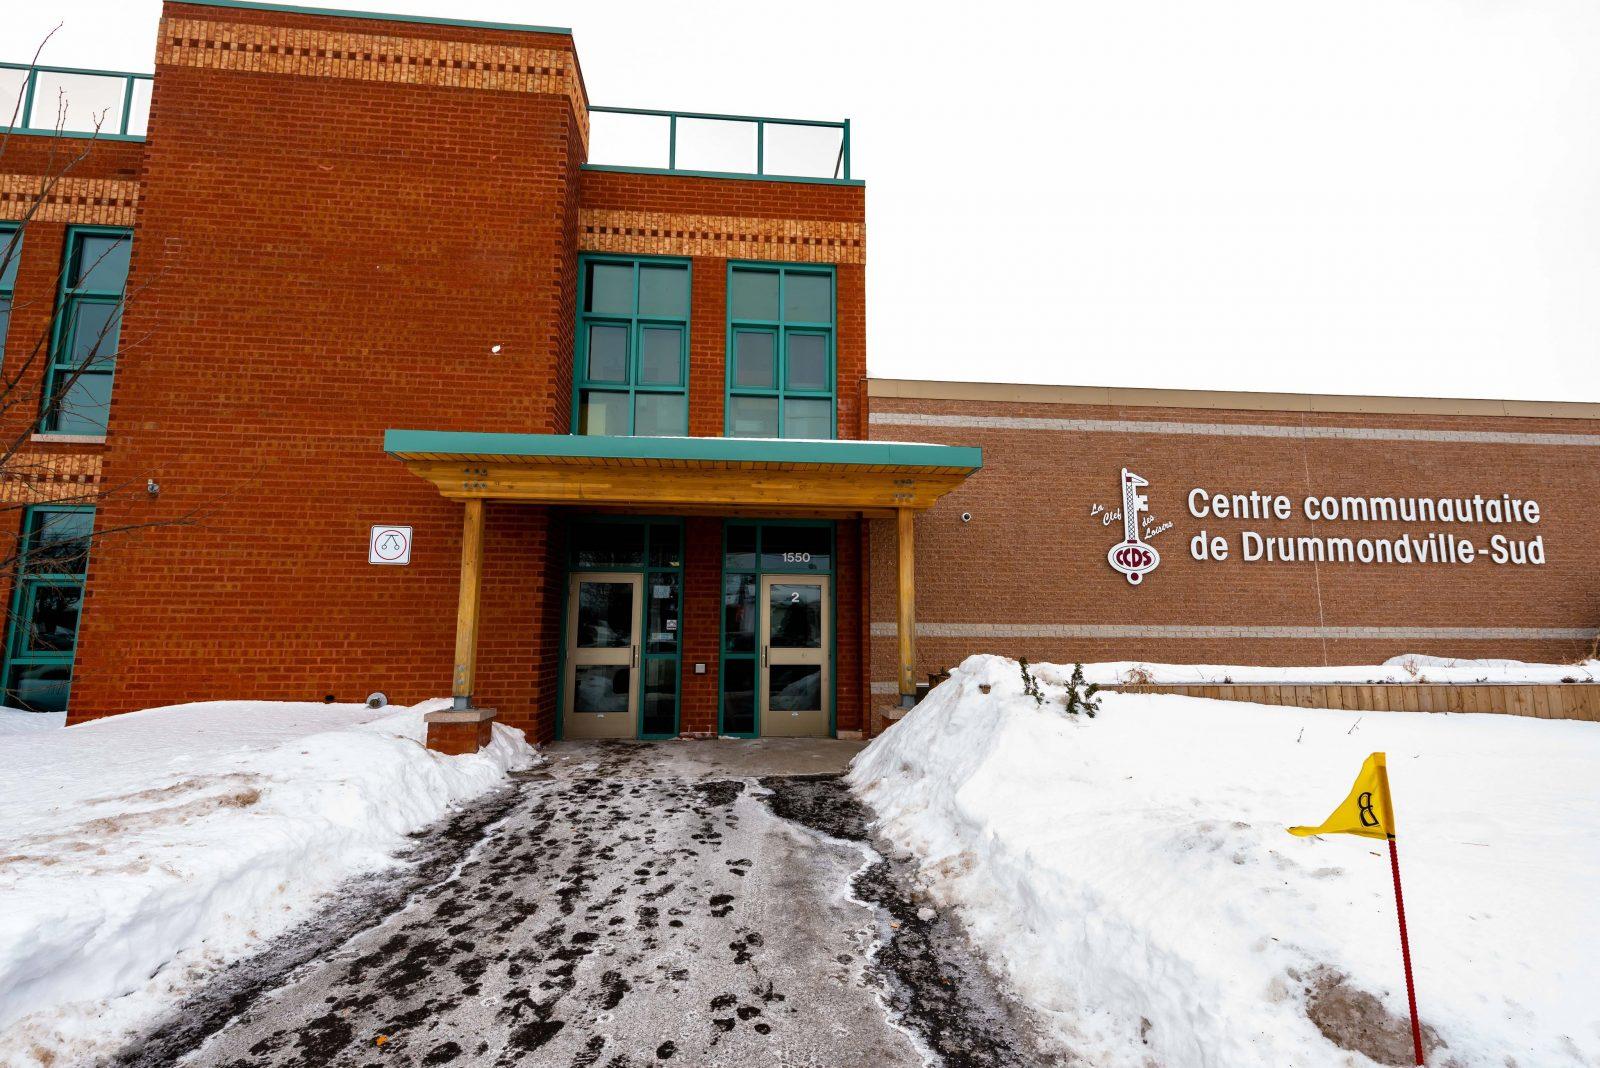 La Ville se porte acquéreur du Centre communautaire Drummondville-Sud